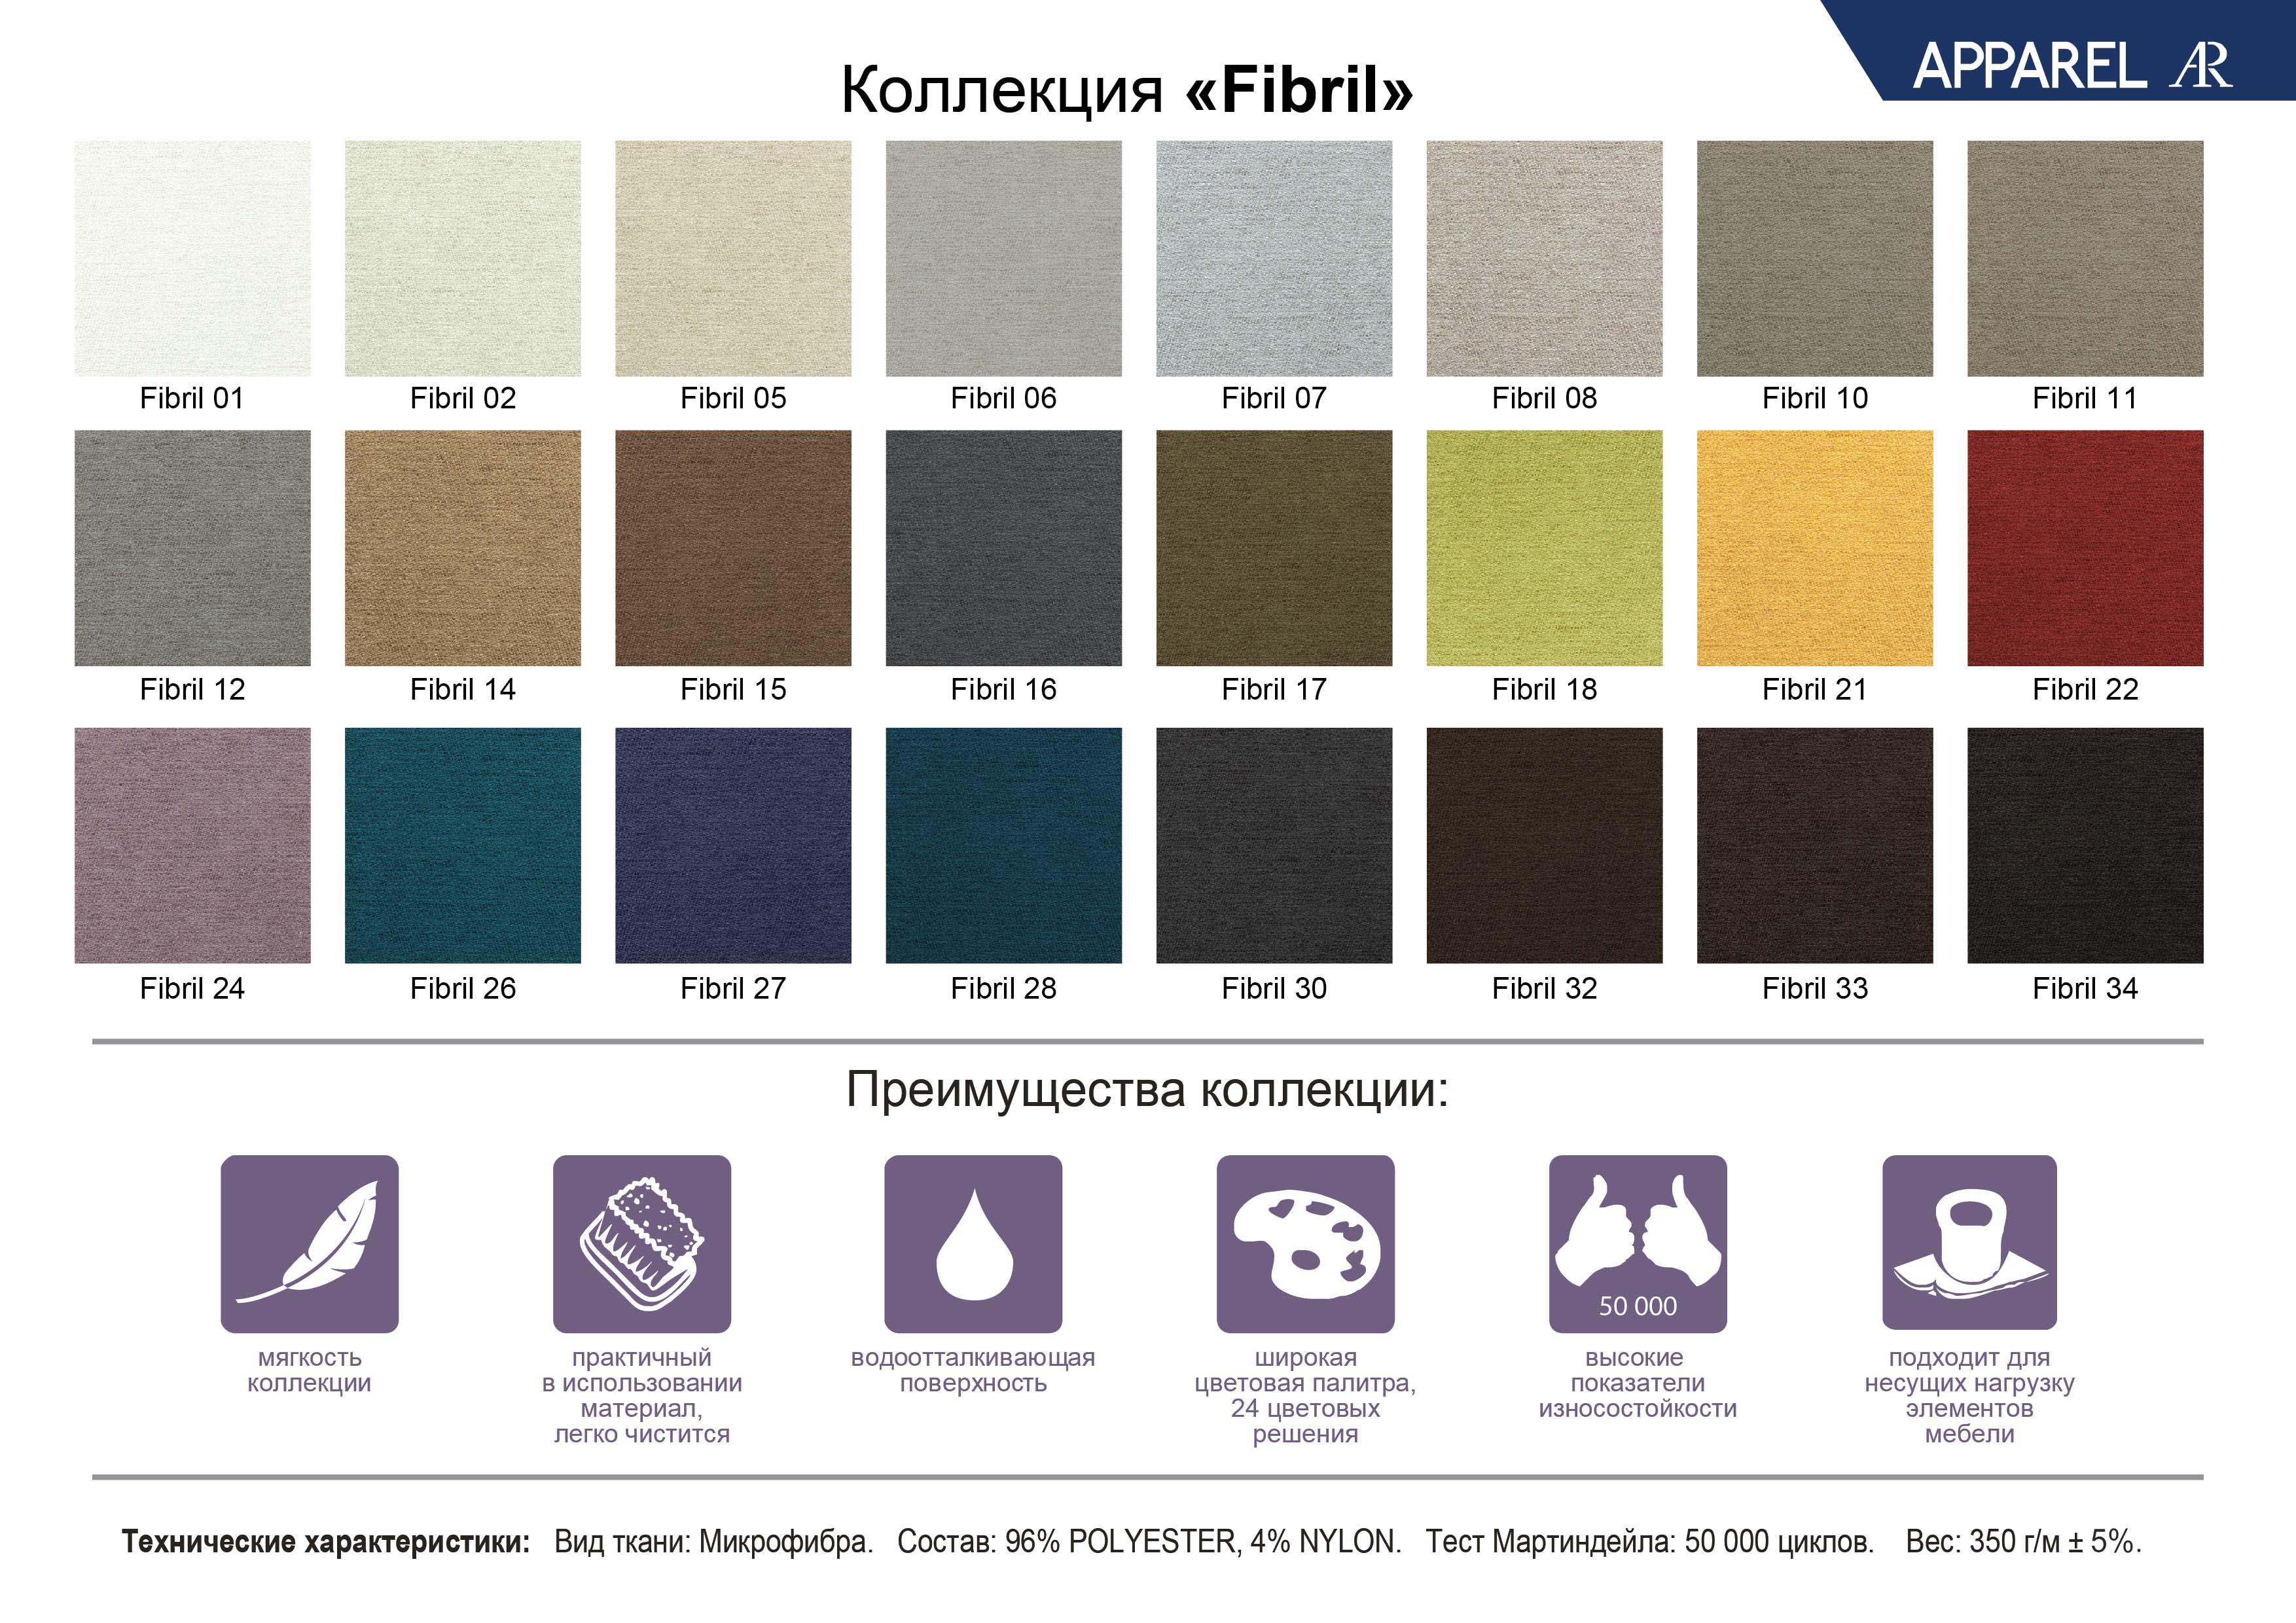 Картинки по запросу apparel fibril